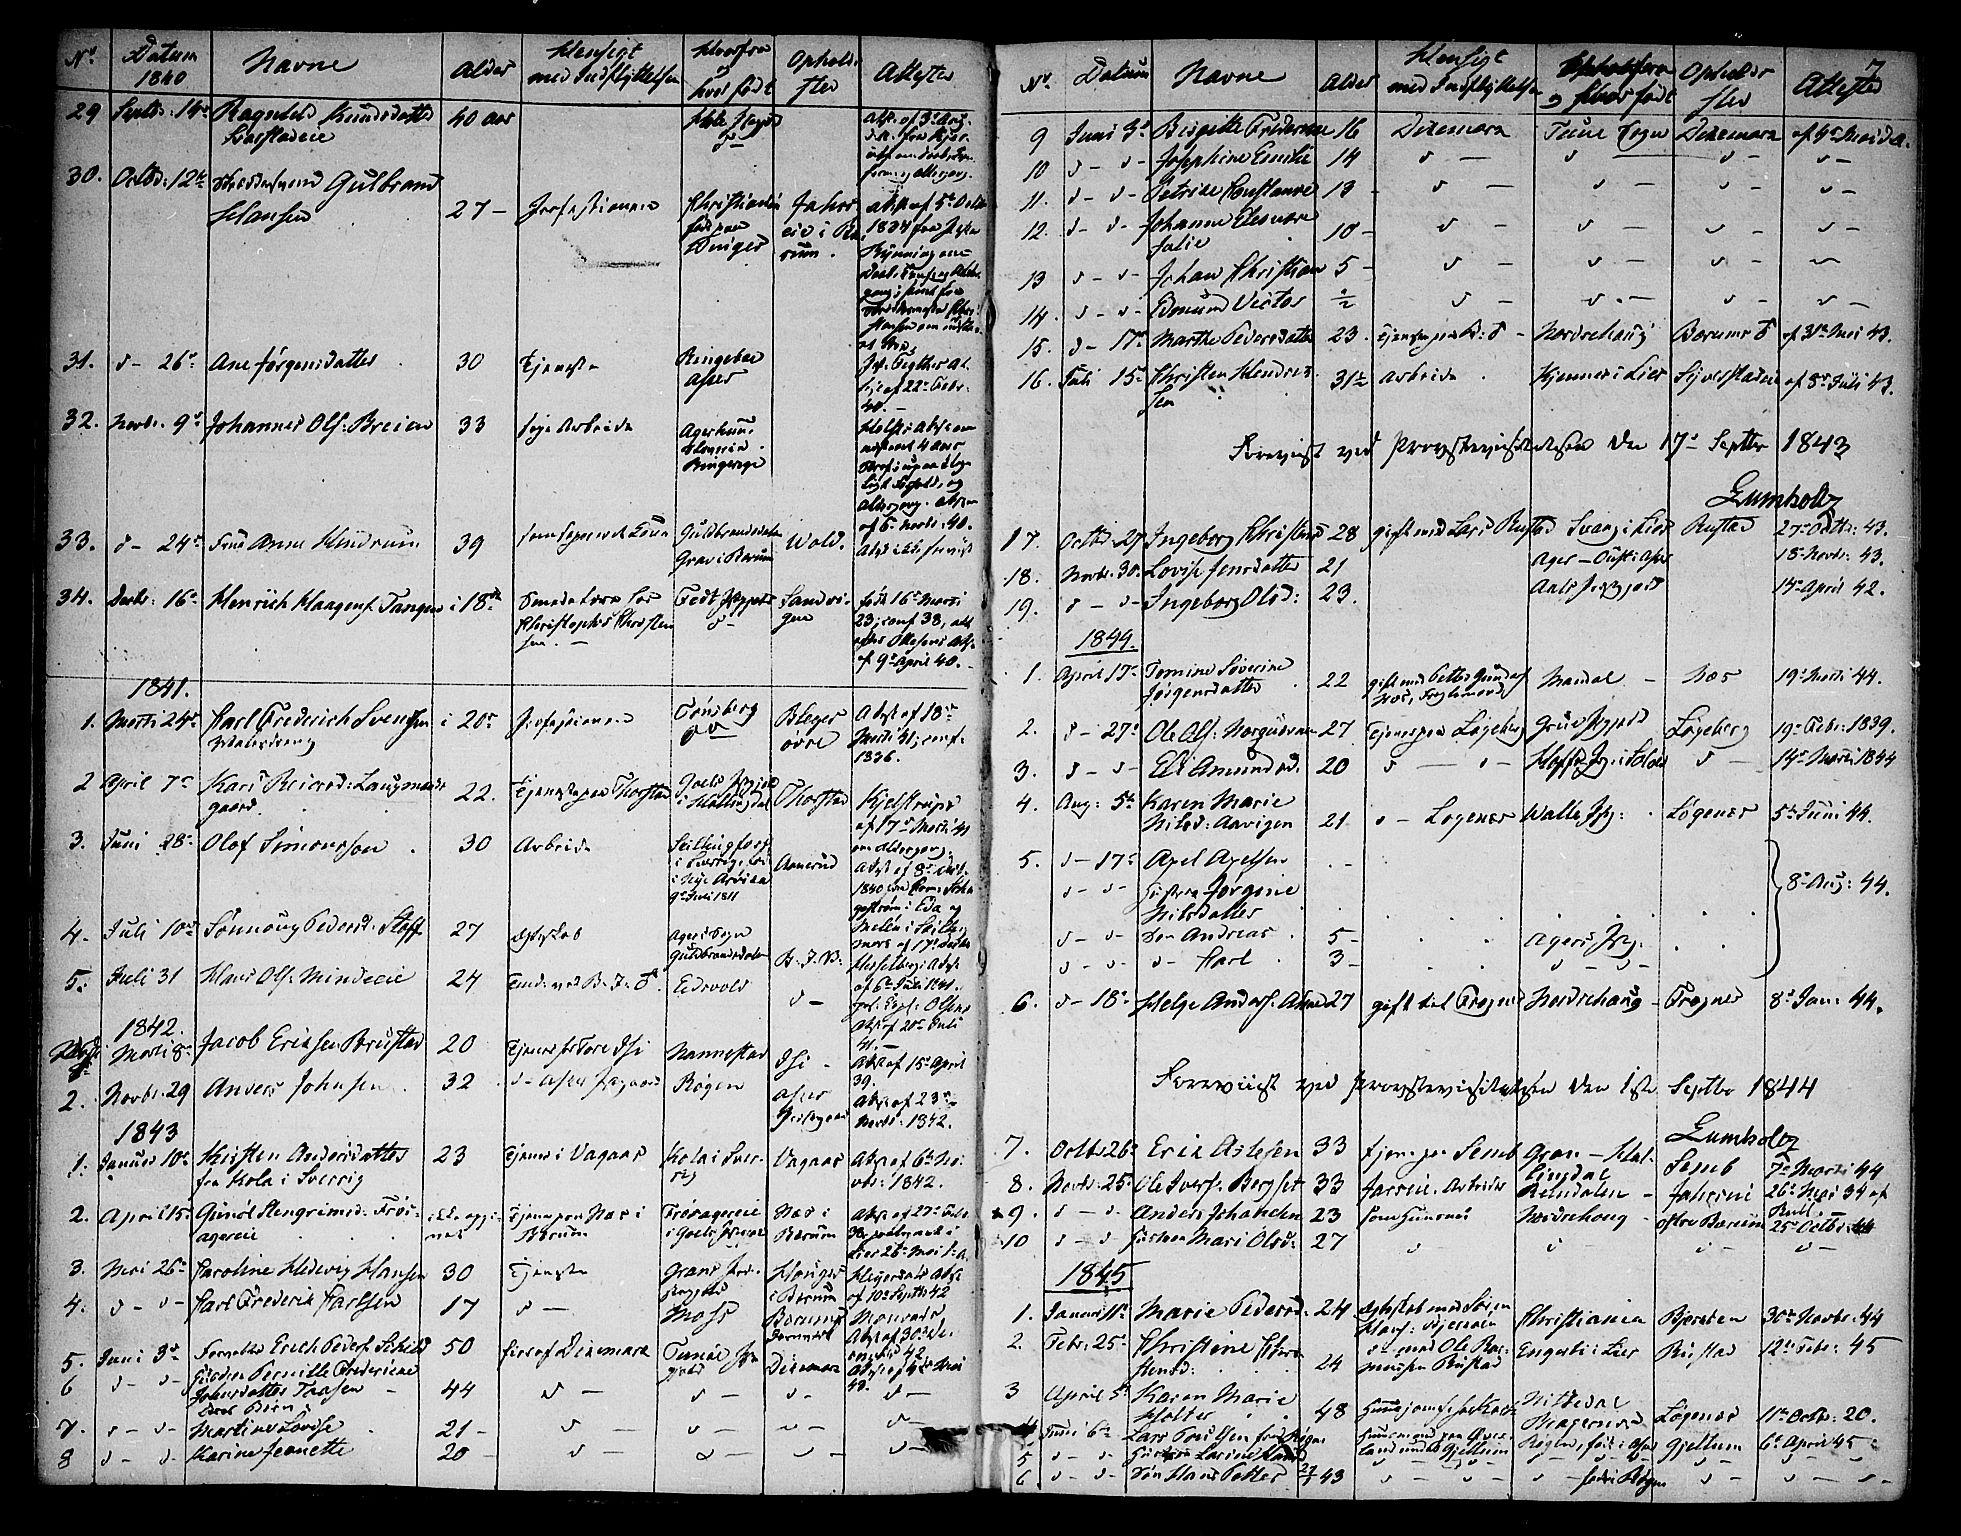 SAO, Asker prestekontor Kirkebøker, F/Fa/L0012: Ministerialbok nr. I 12, 1825-1878, s. 7